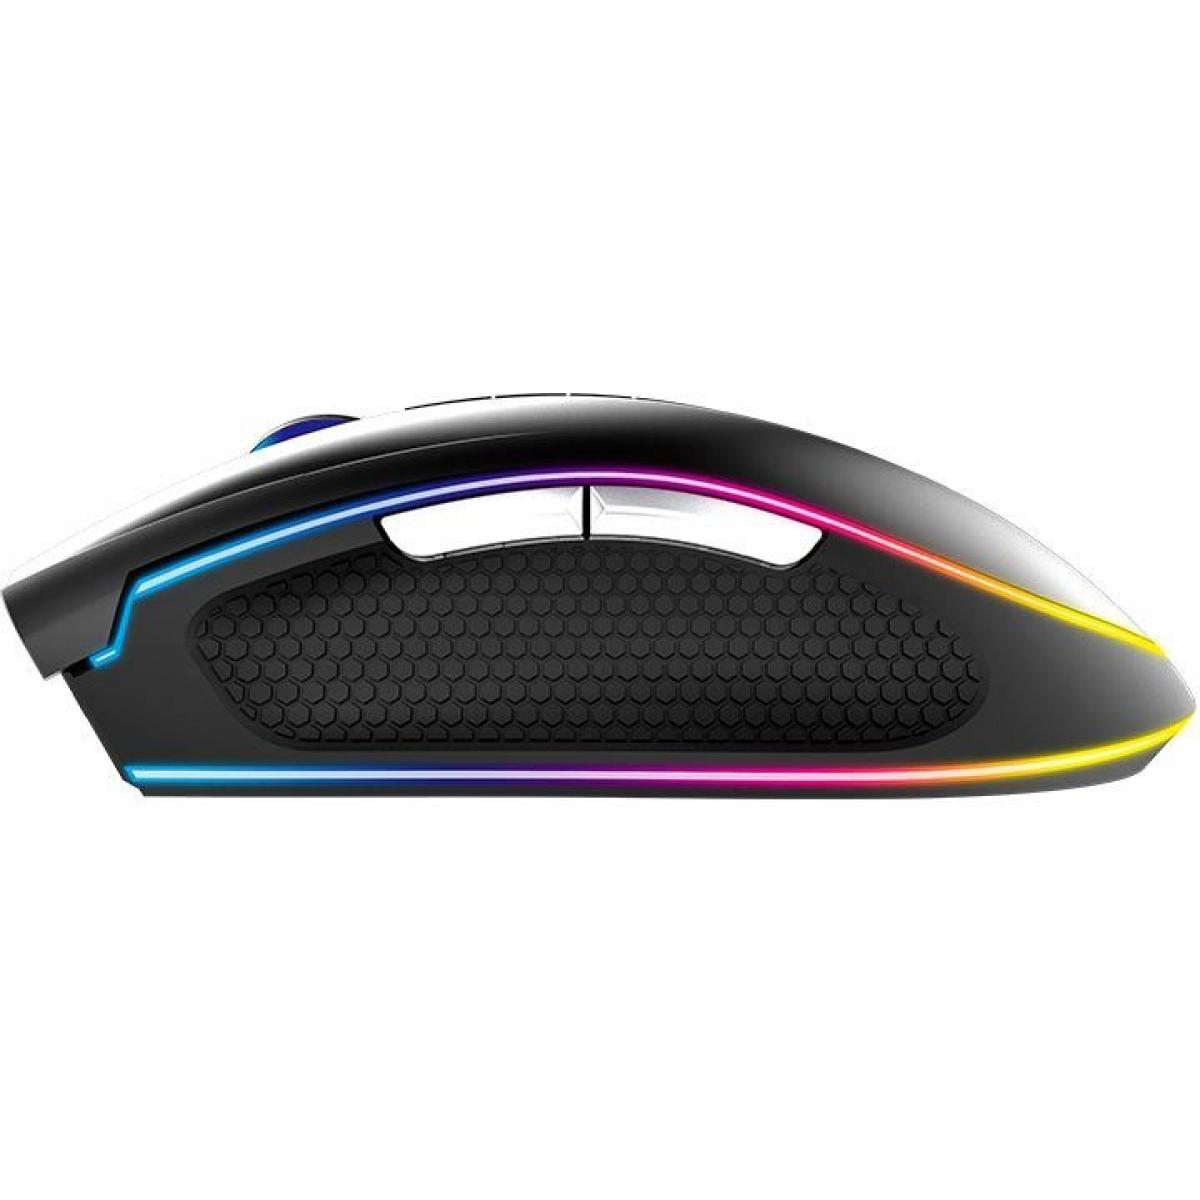 Mouse Gamer Gamdias Zeus P2 8 Botões Programáveis 16000 DPI RGB Preto